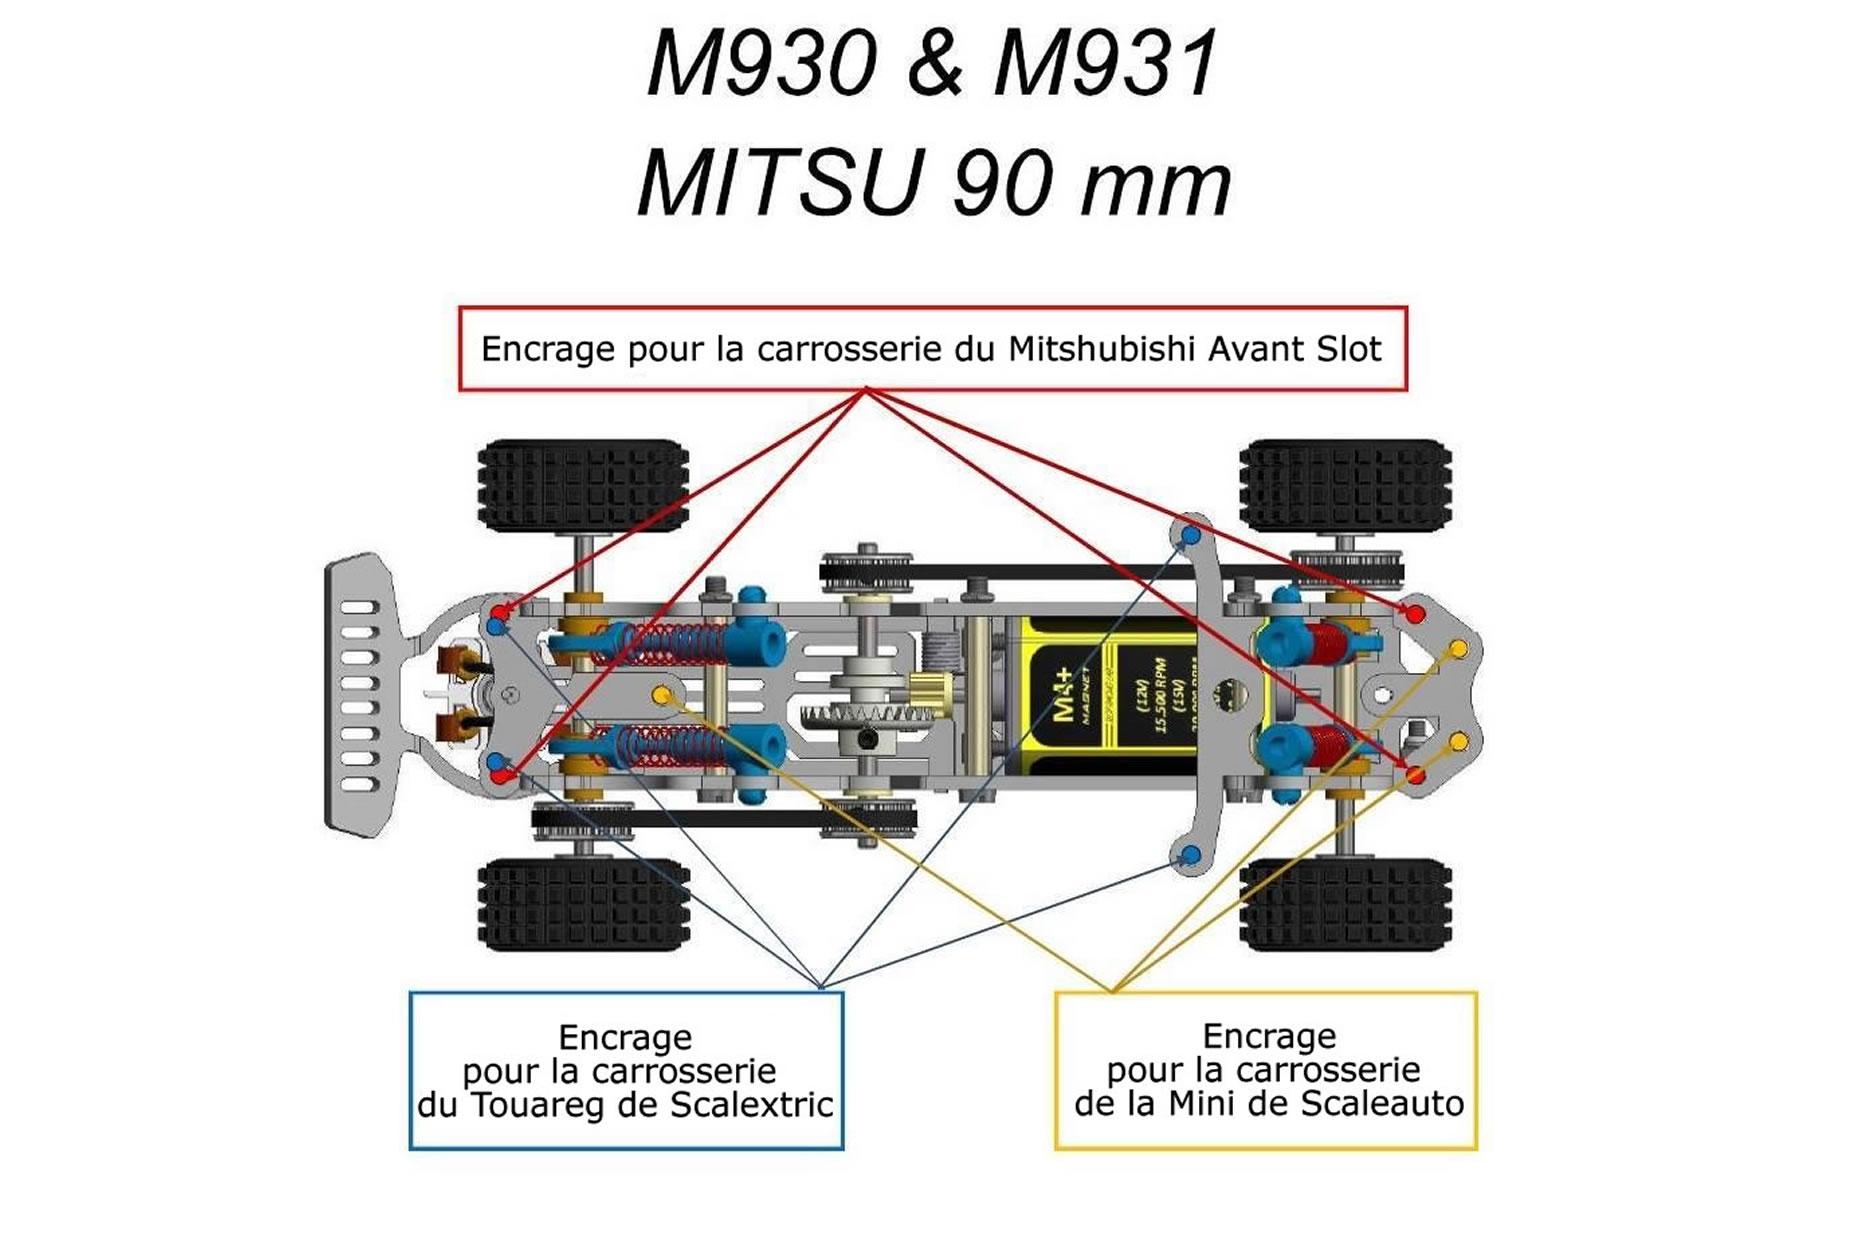 Mitoos châssis MITSU 90 mm